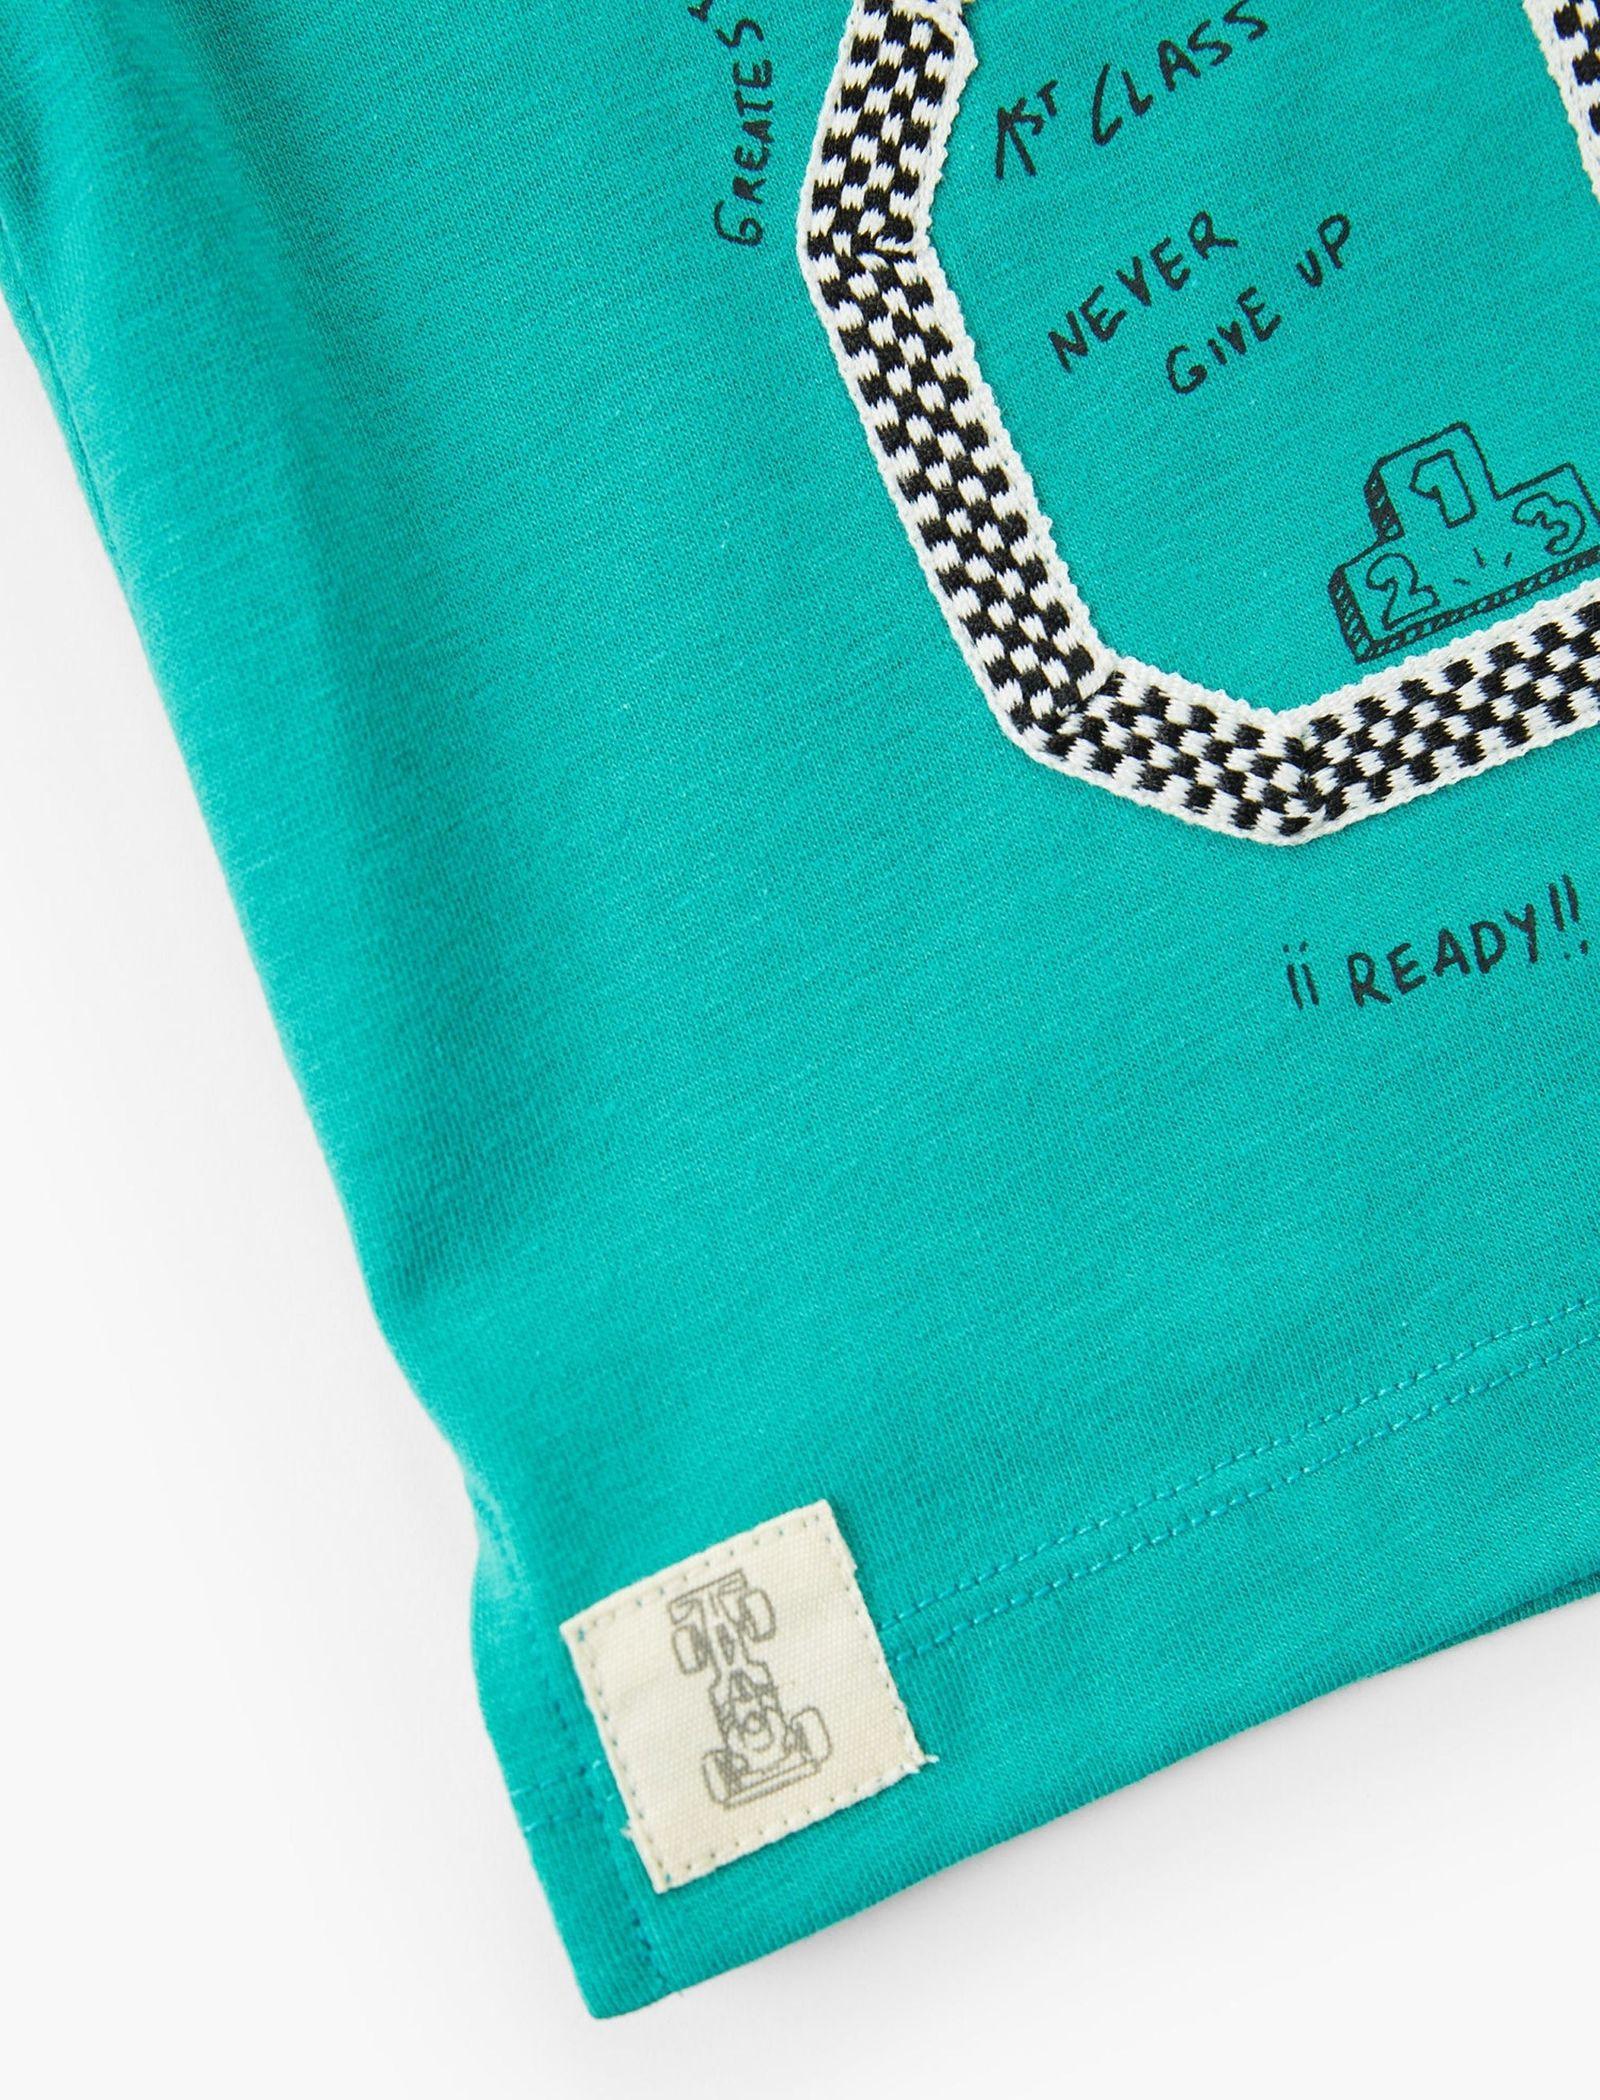 تی شرت نخی ساده نوزادی پسرانه - مانگو - سبز آبي - 4